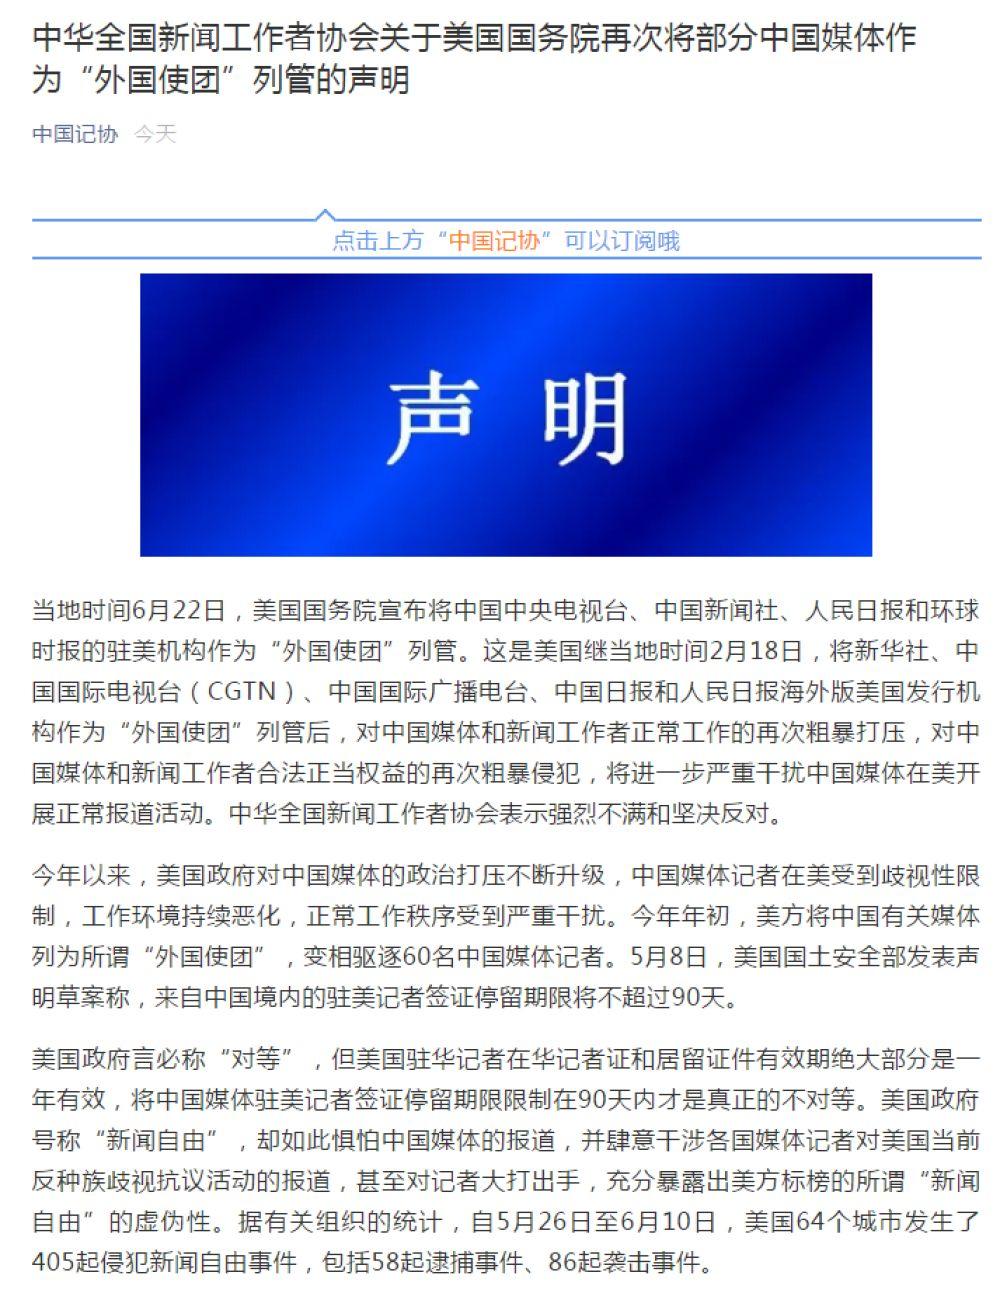 美再将部分中国媒体作为